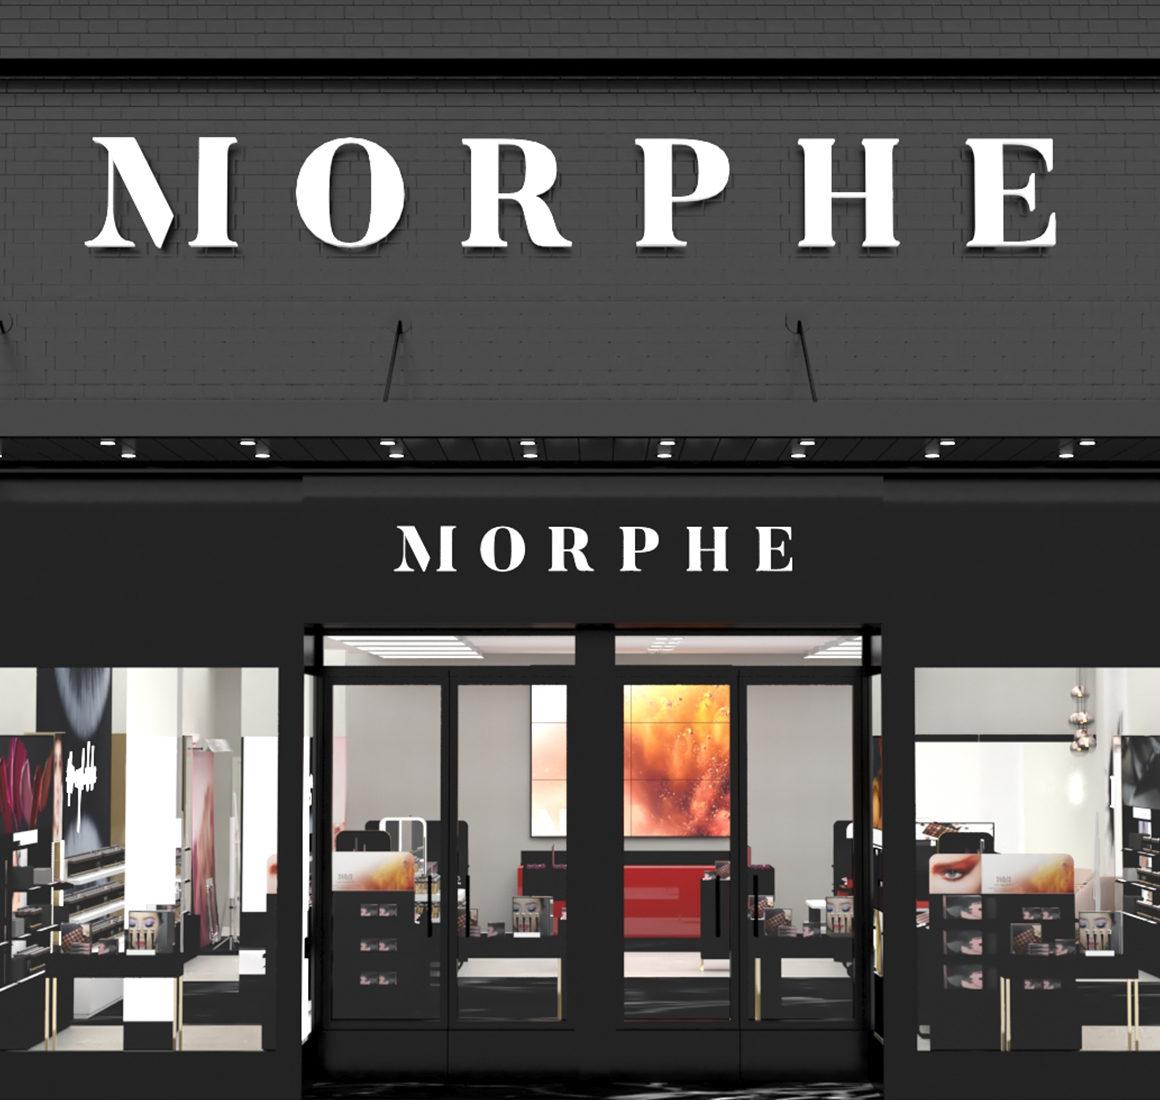 Morphe Interior Shop Design Concept Management 1